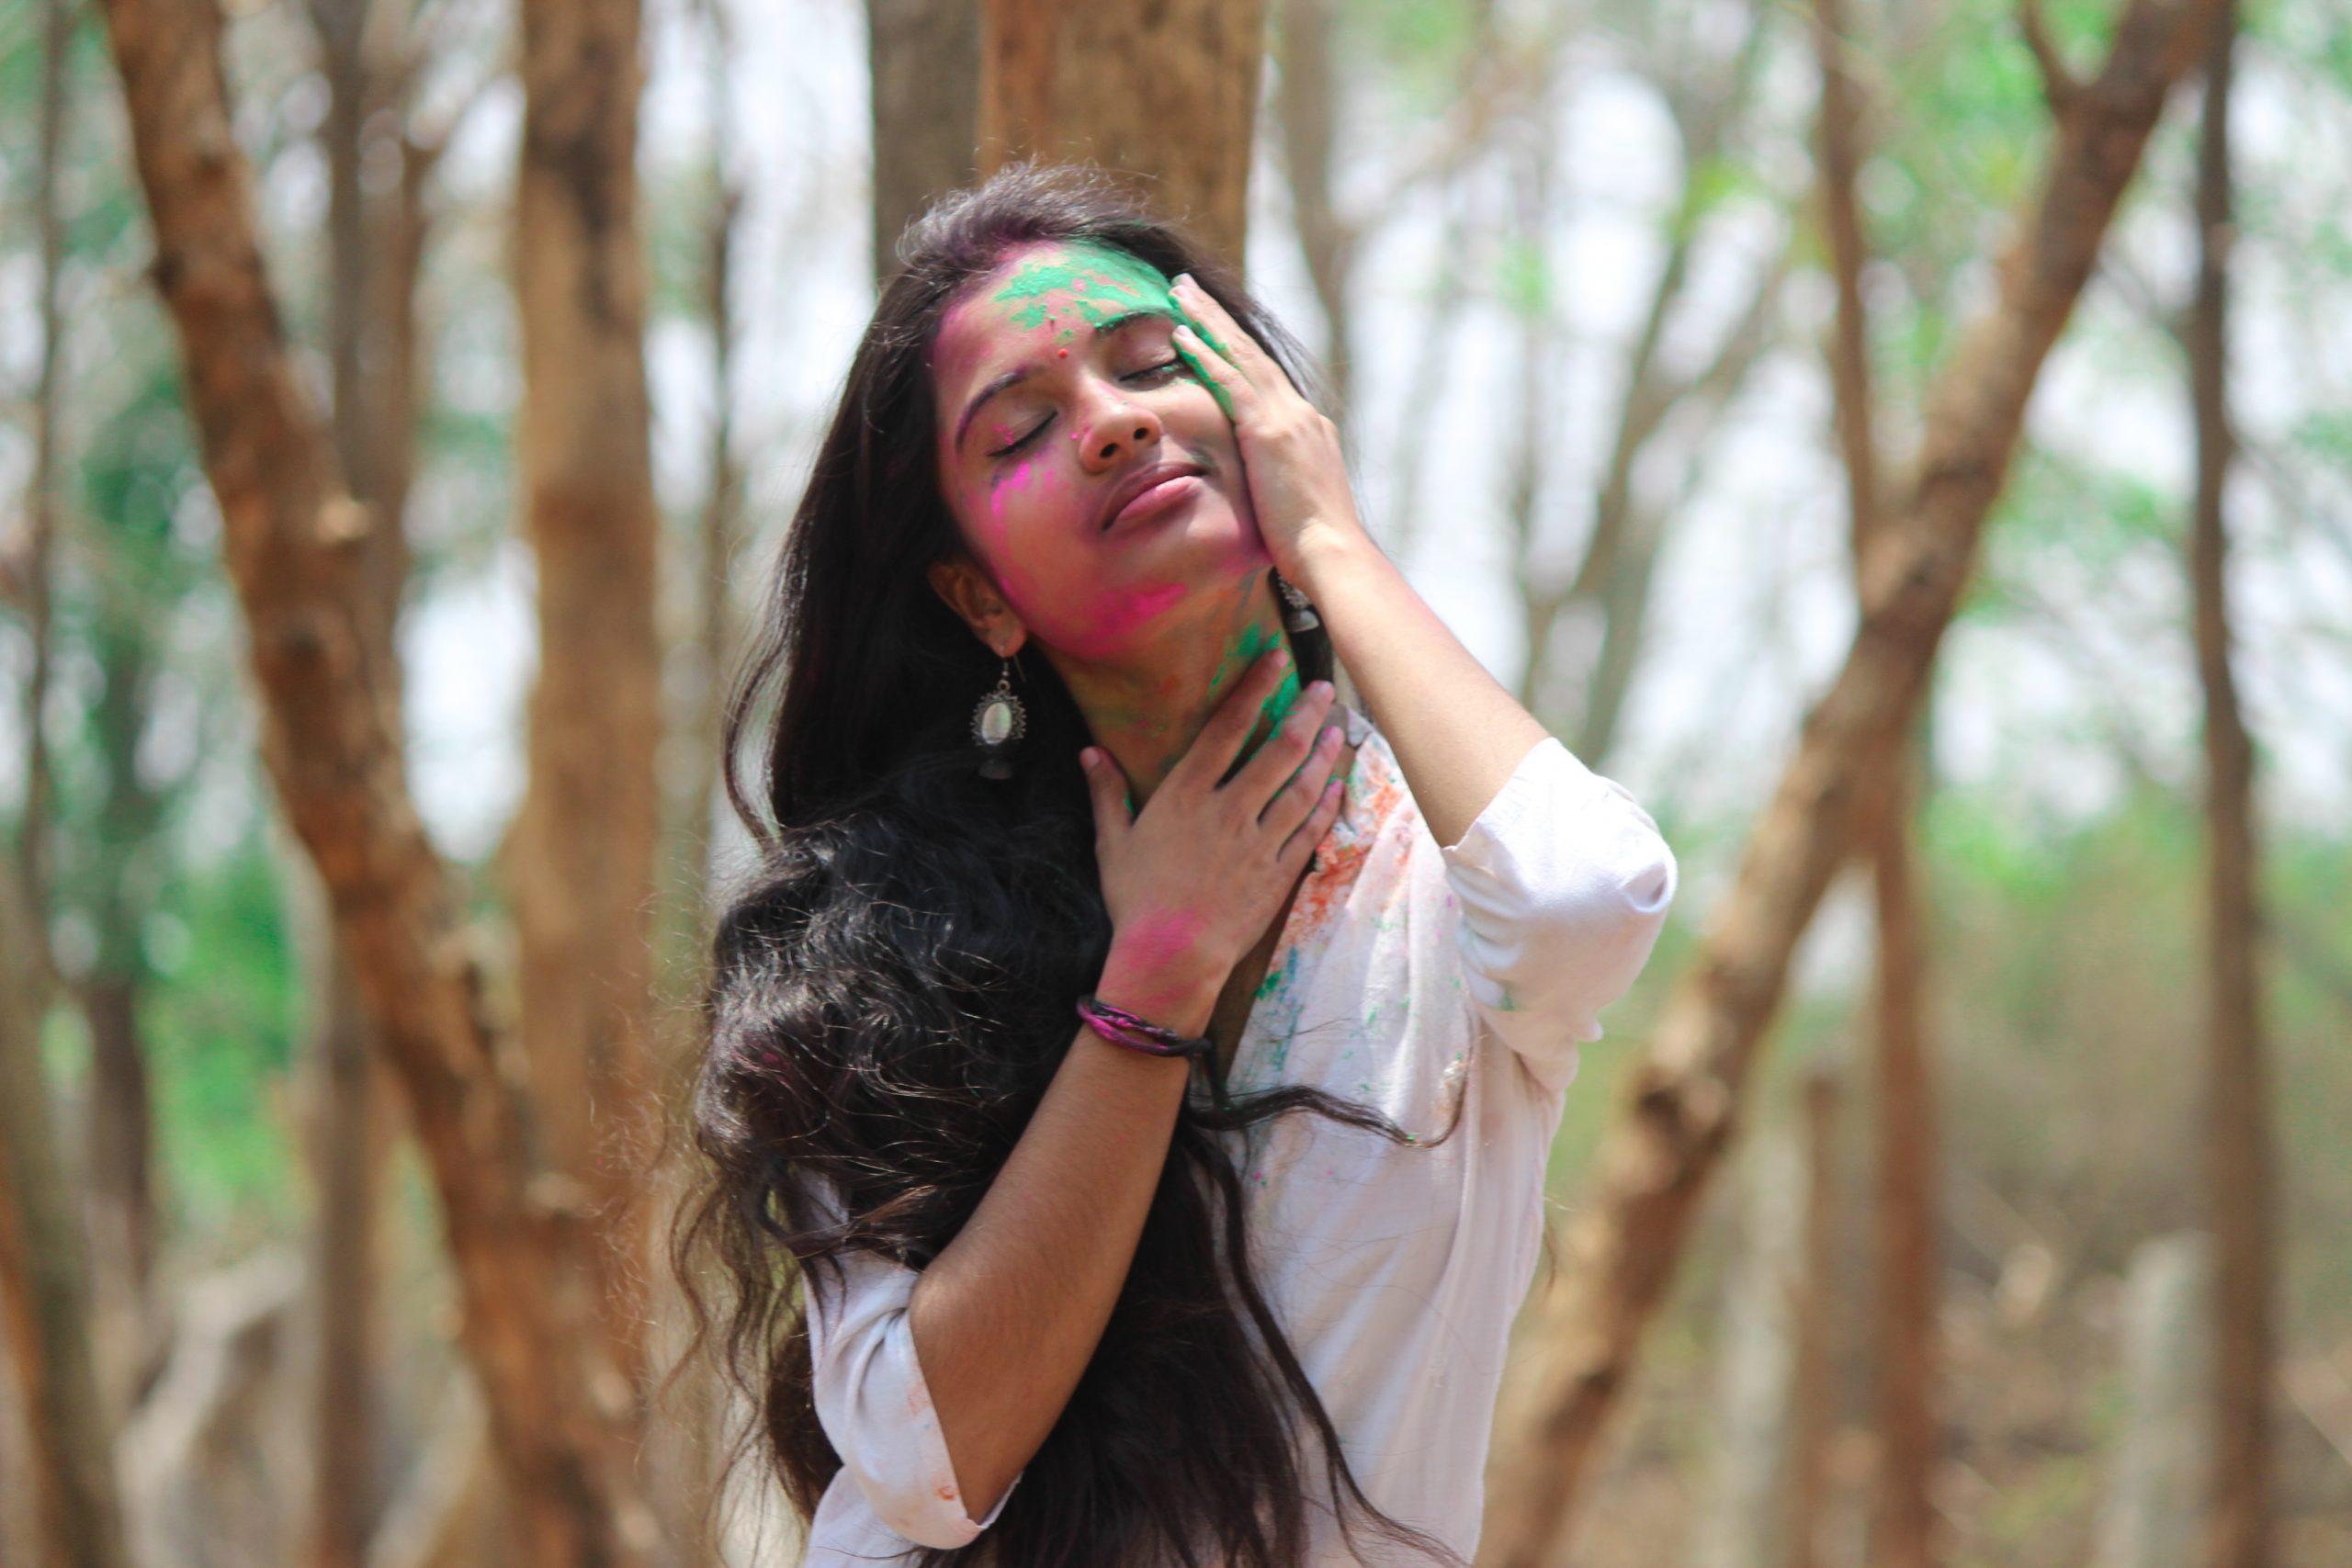 A girl in a jungle